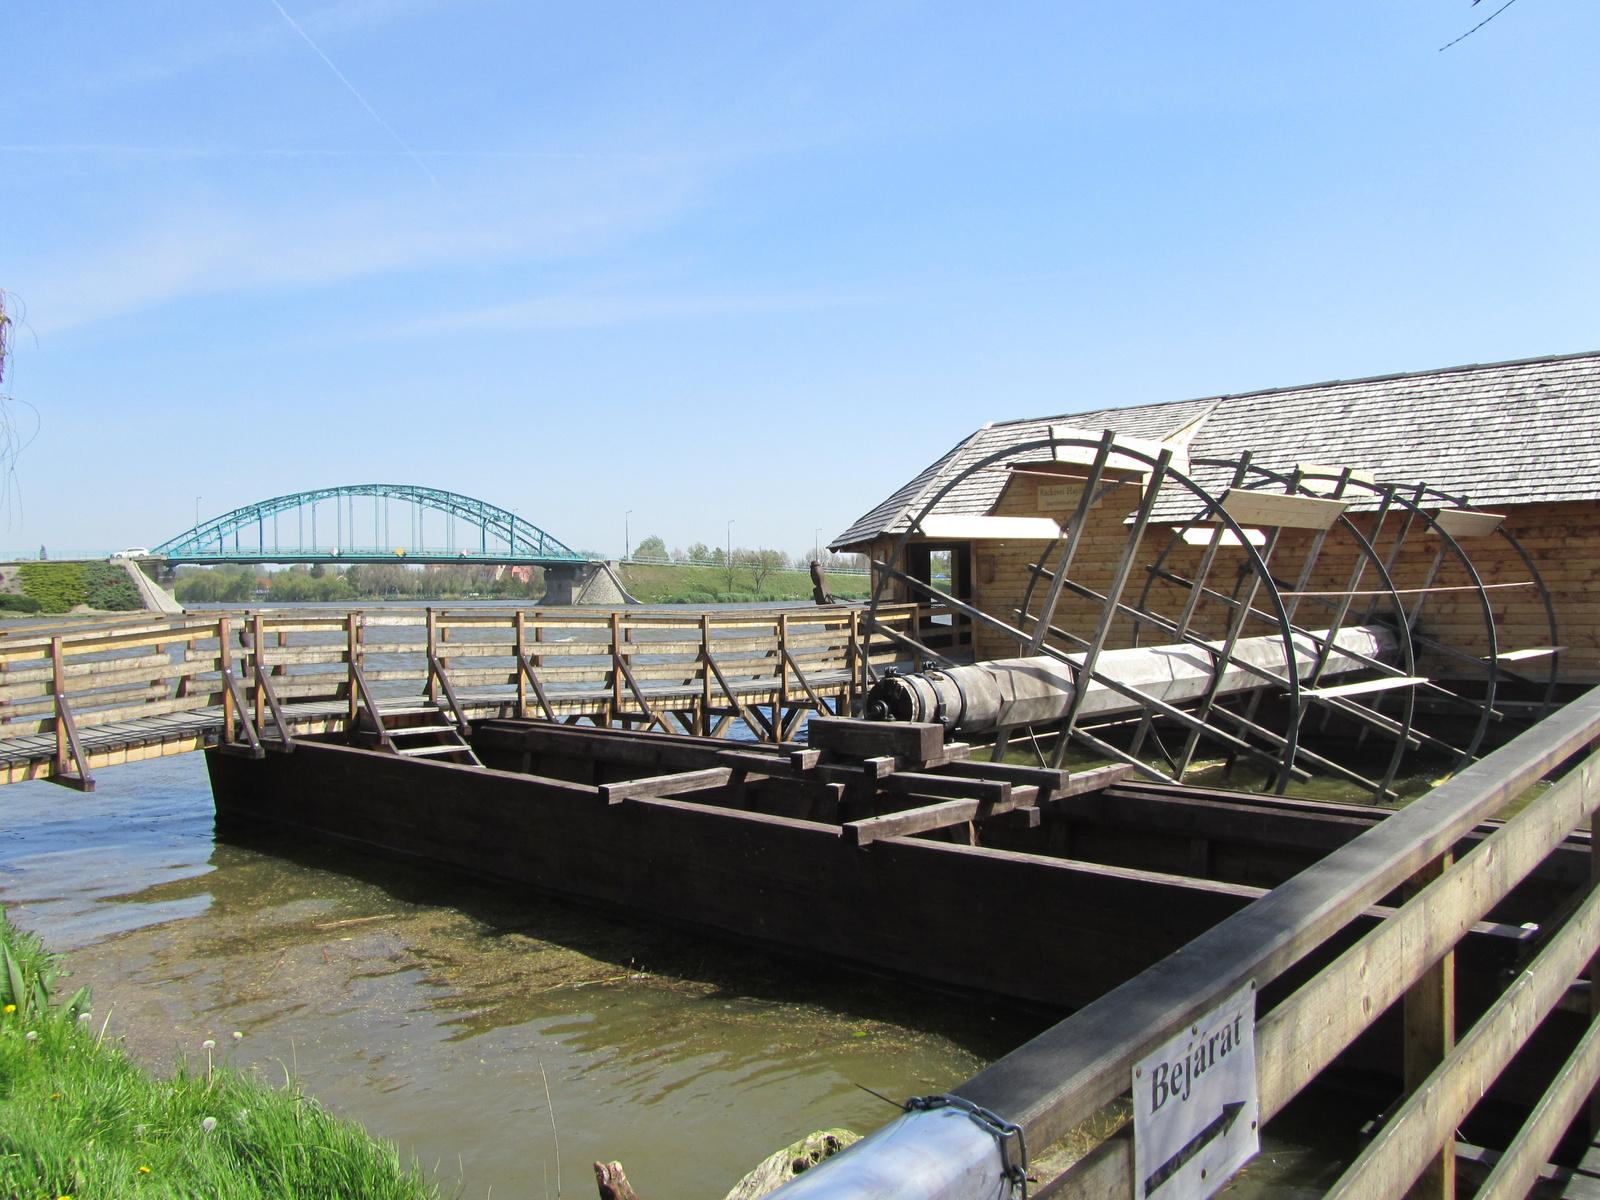 Két ív: az Árpád hídé és a malomkeréké